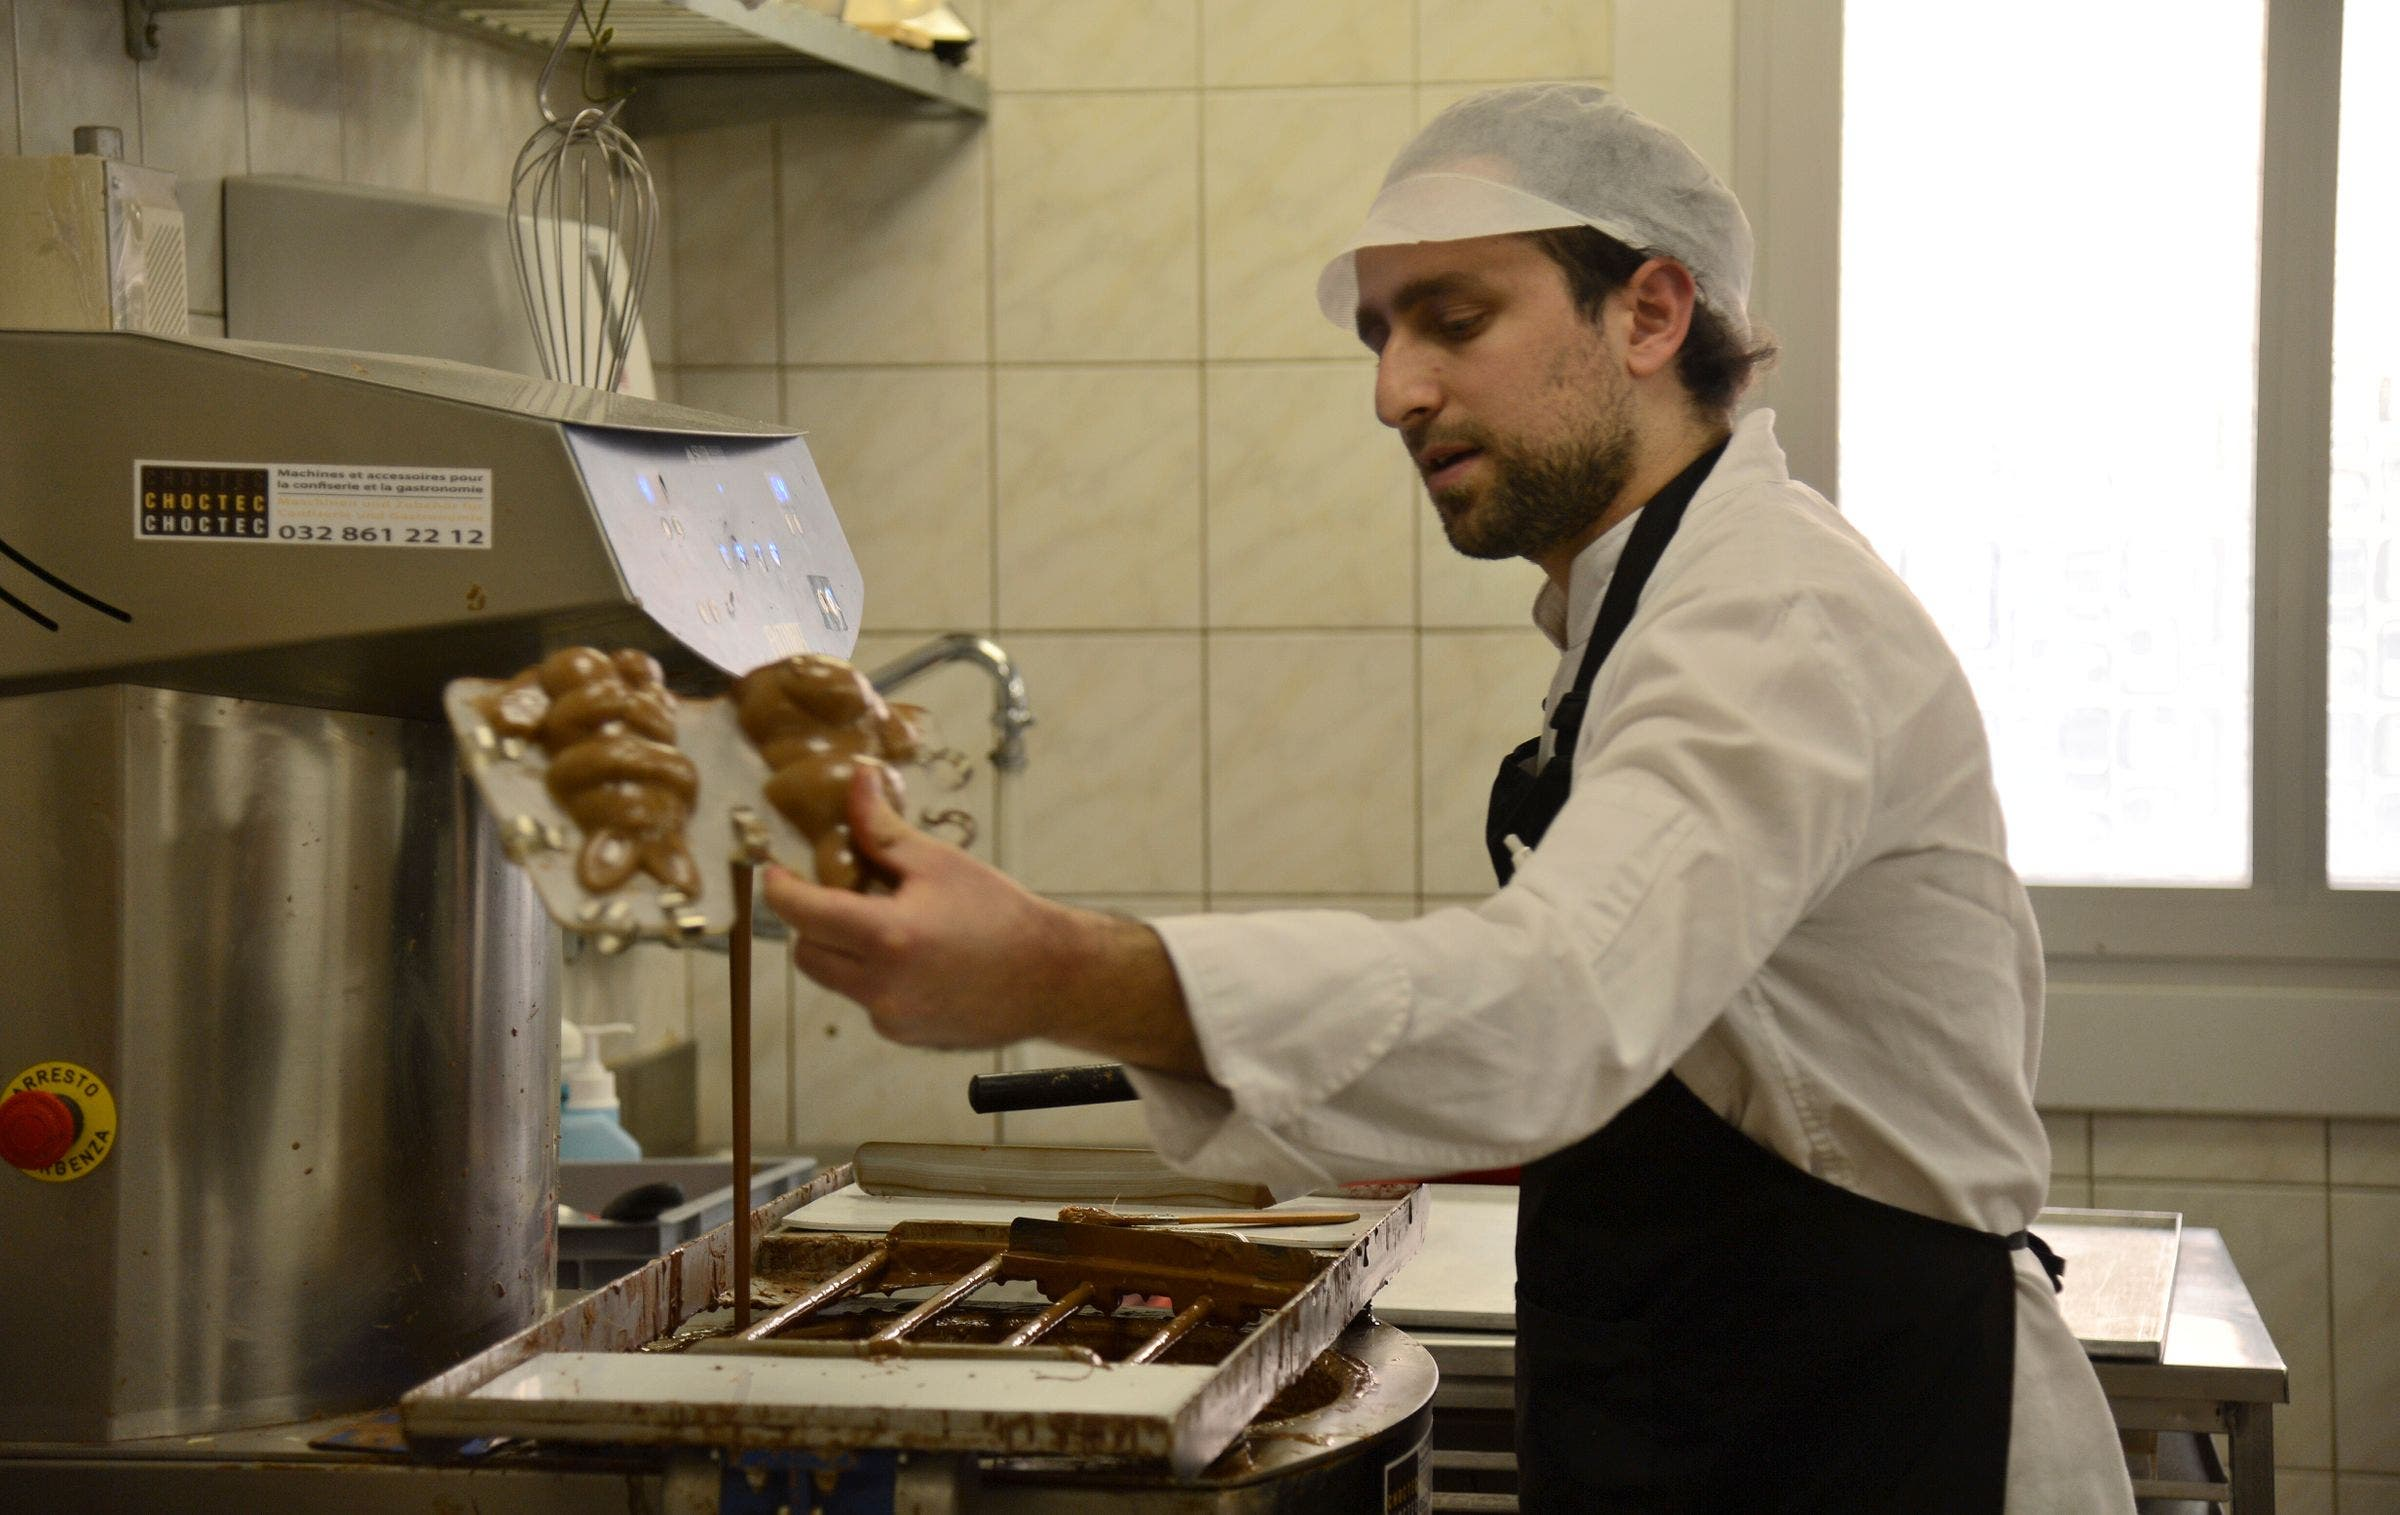 Die Temperatur muss stimmen: Stefanos Kostas befüllt die Plastikformen mit flüssiger Schokolade.